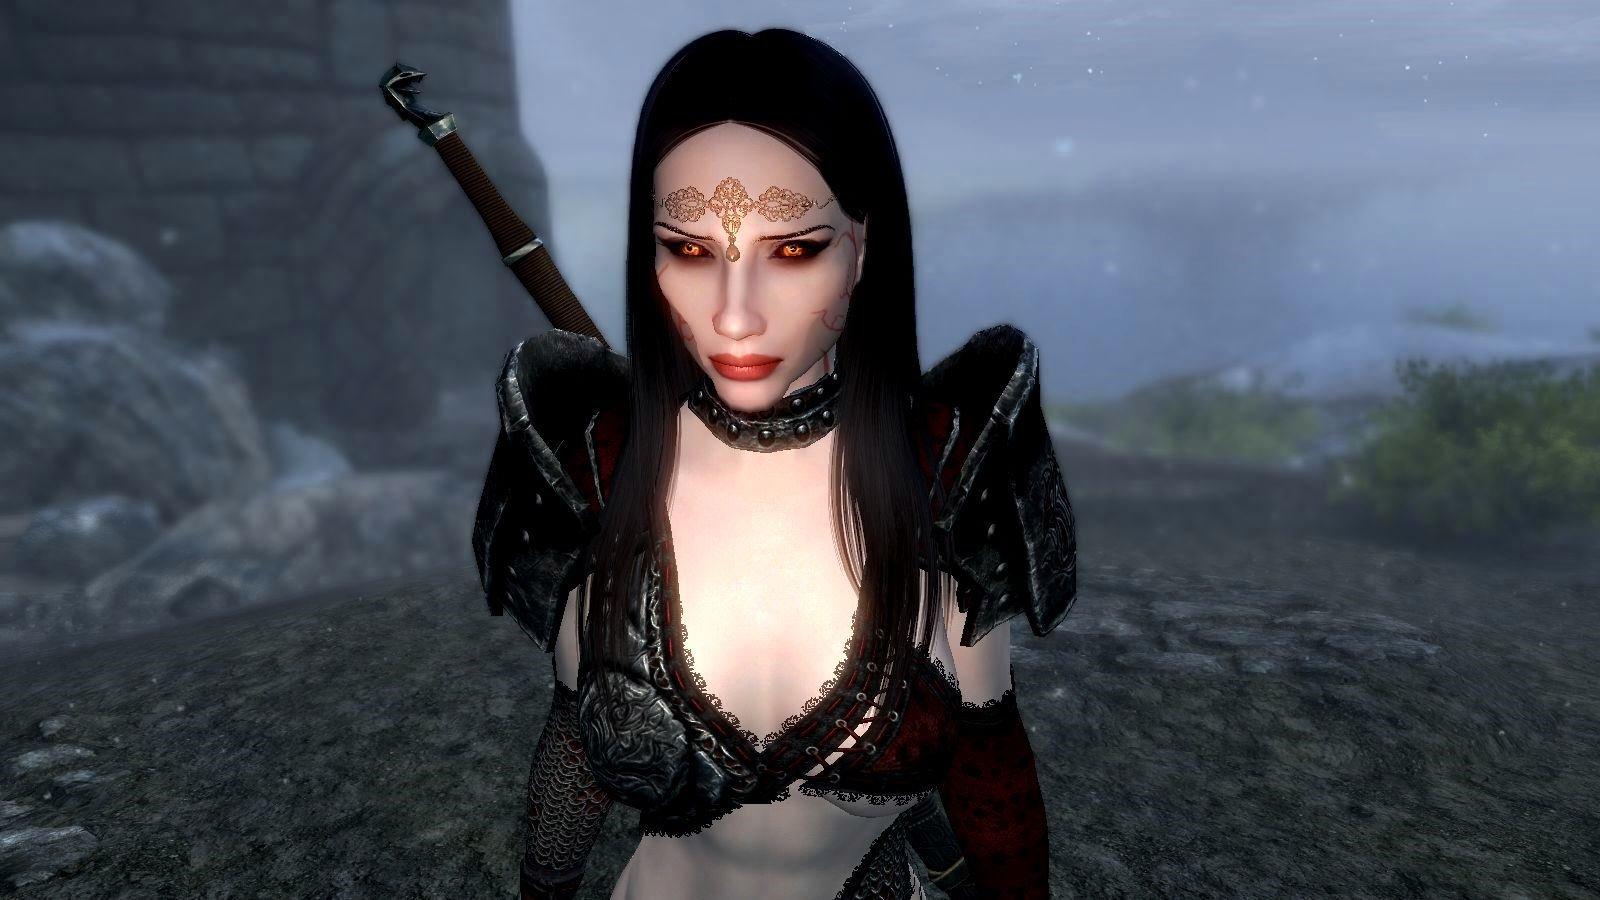 Вампирское очарование не спрятать за скромностью